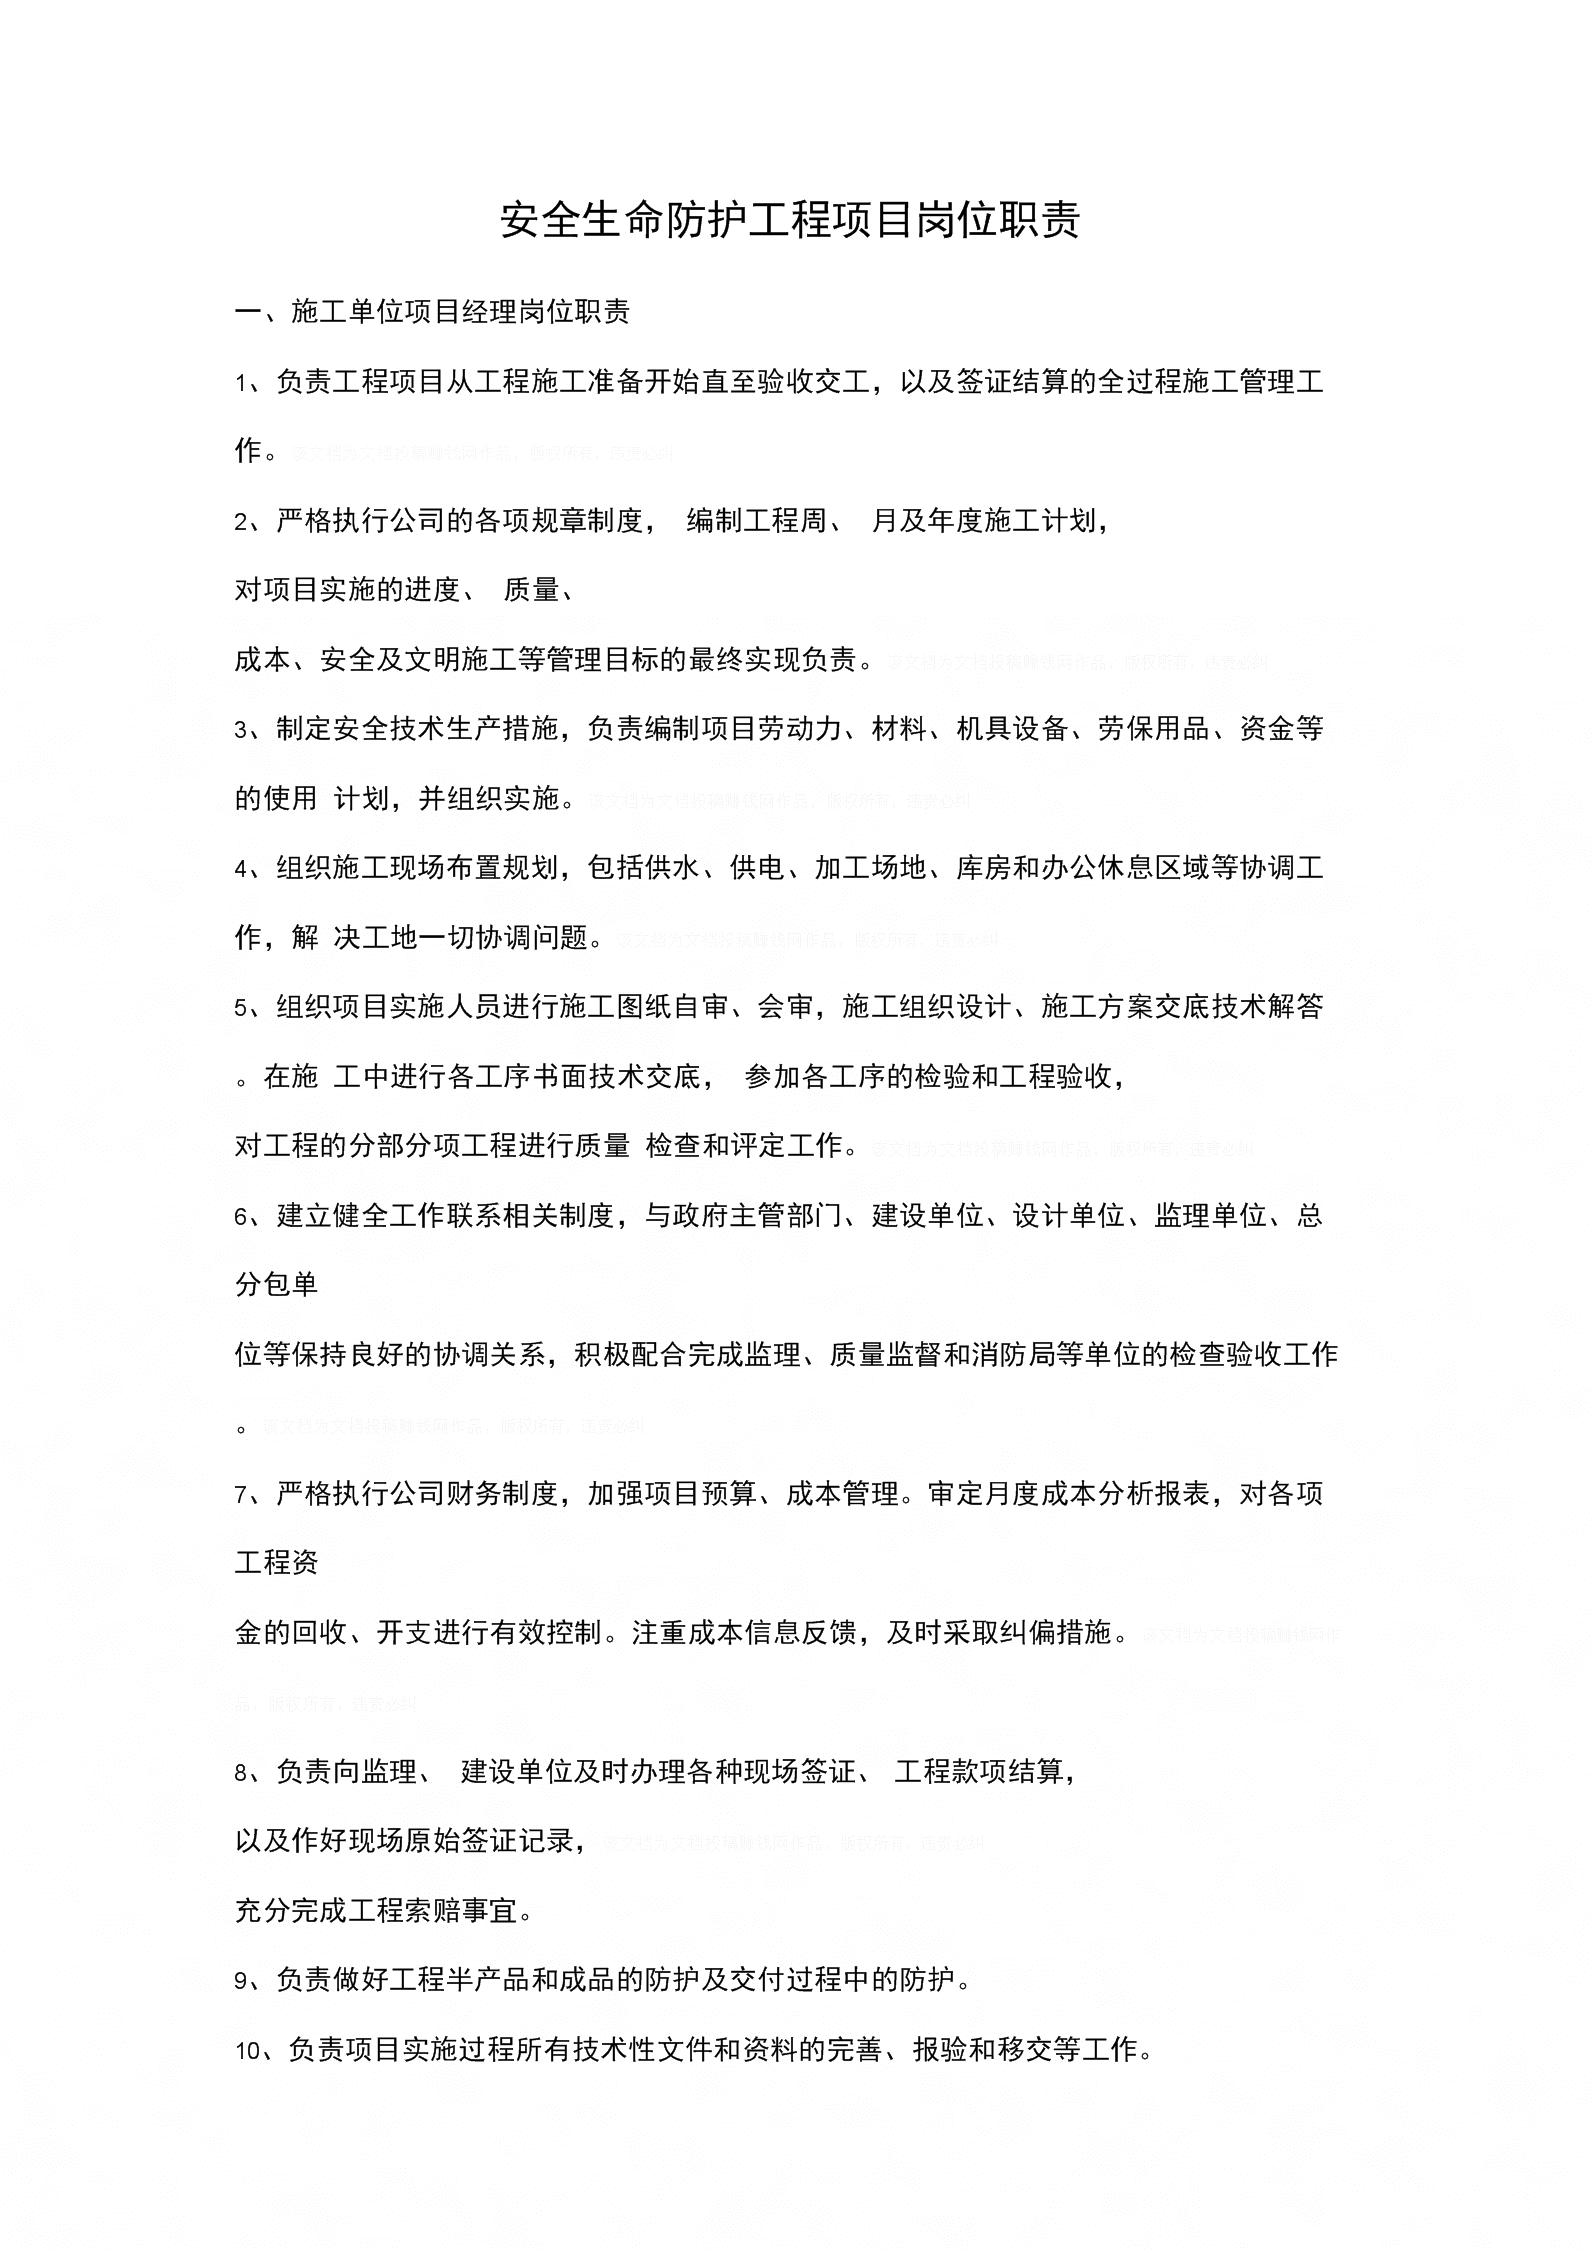 安全生命防护工程项目岗位职责范本.docx